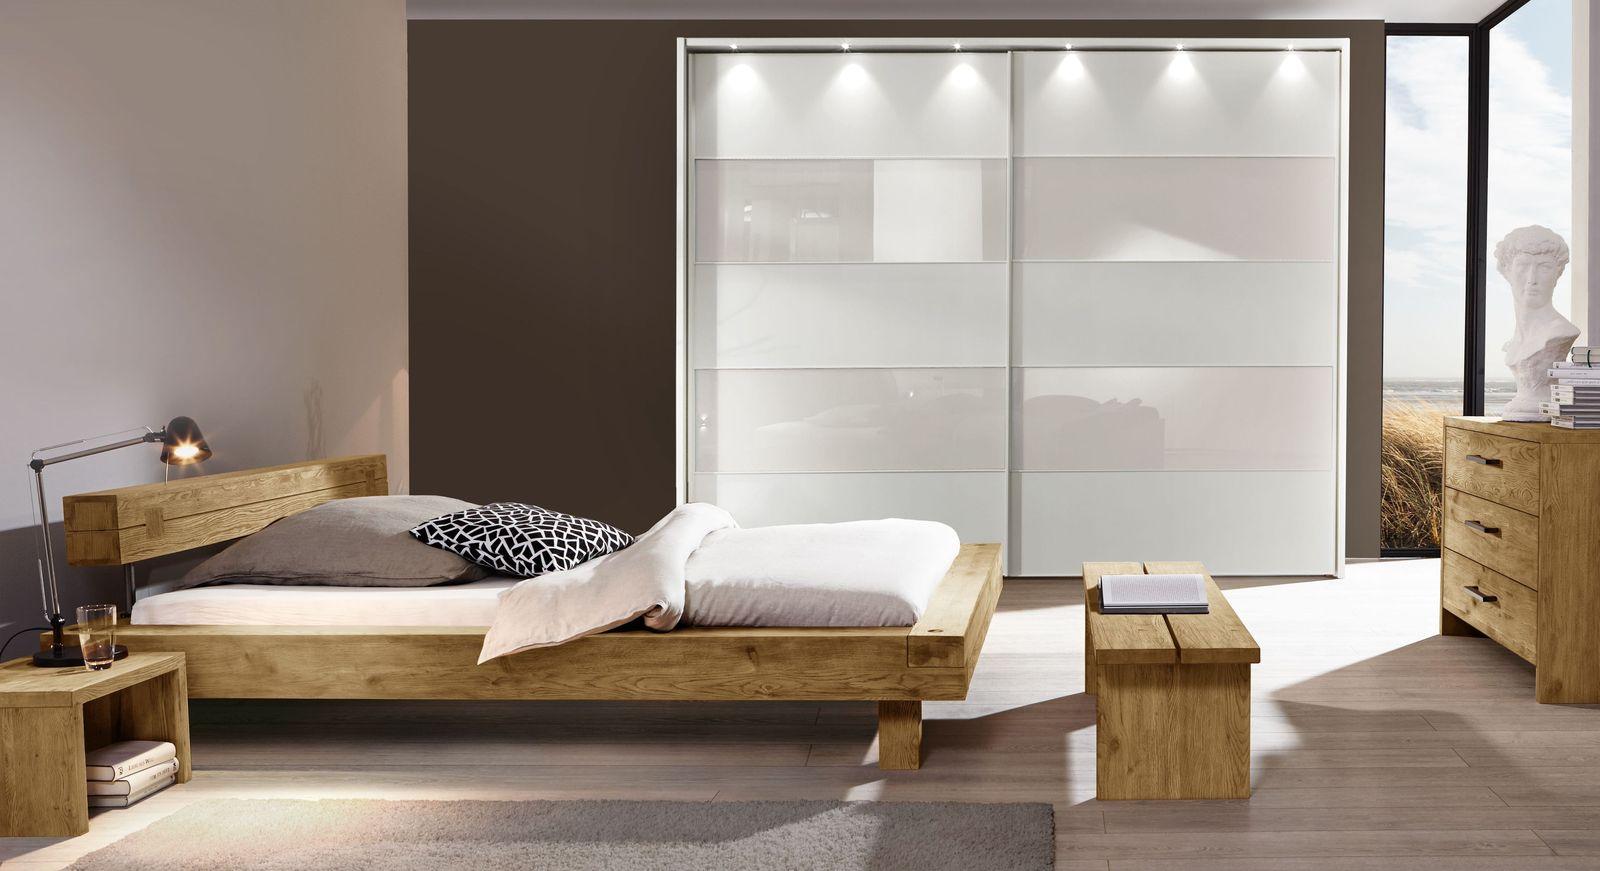 Schlafzimmer vintage stil tapeten schlafzimmer floral kleiderschr nke holz wei spiral - Schlafzimmer ausstattung ...